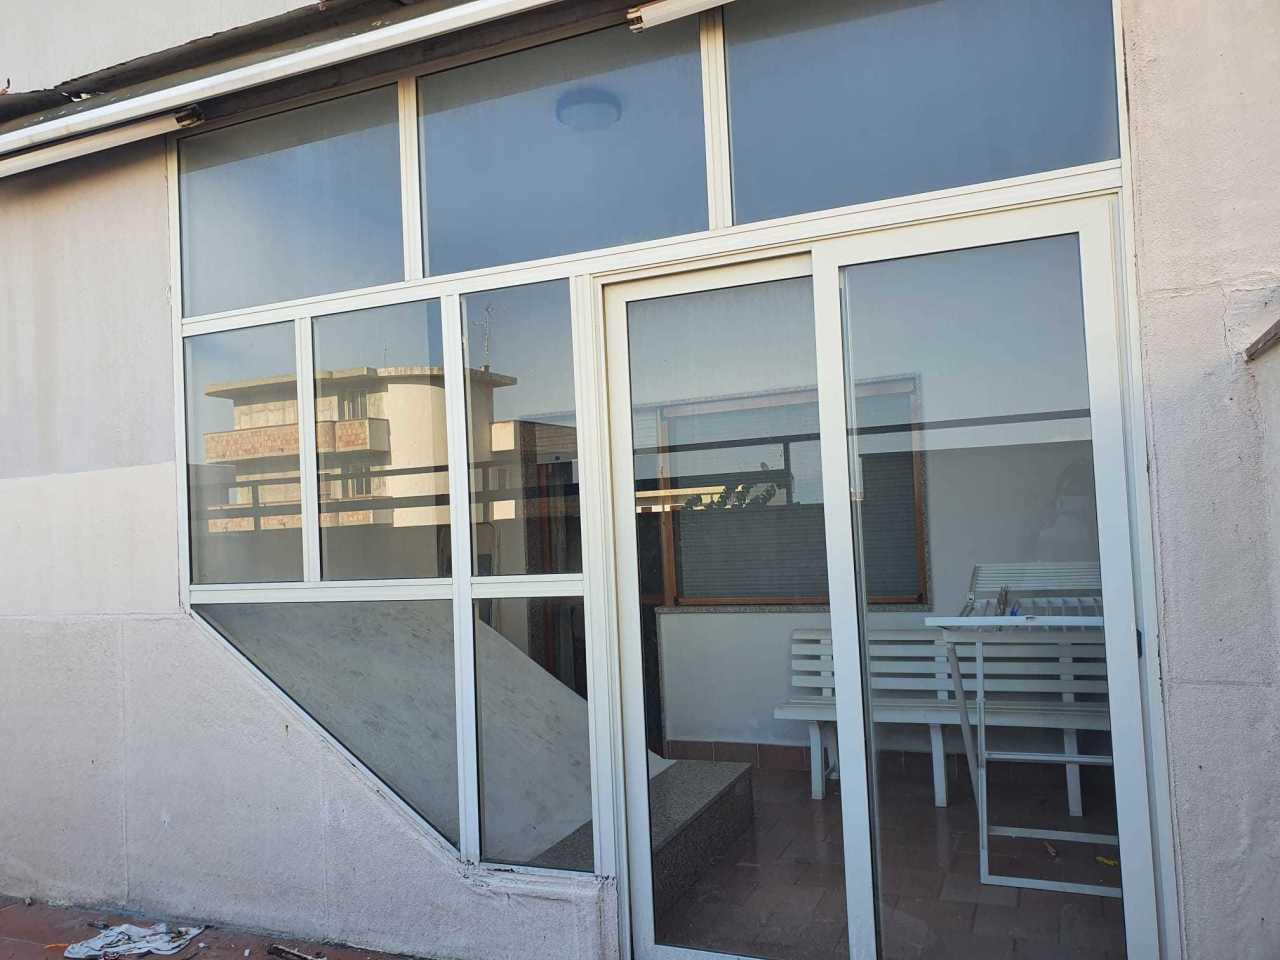 Appartamento in vendita a Reggio Calabria, 3 locali, prezzo € 90.000   CambioCasa.it